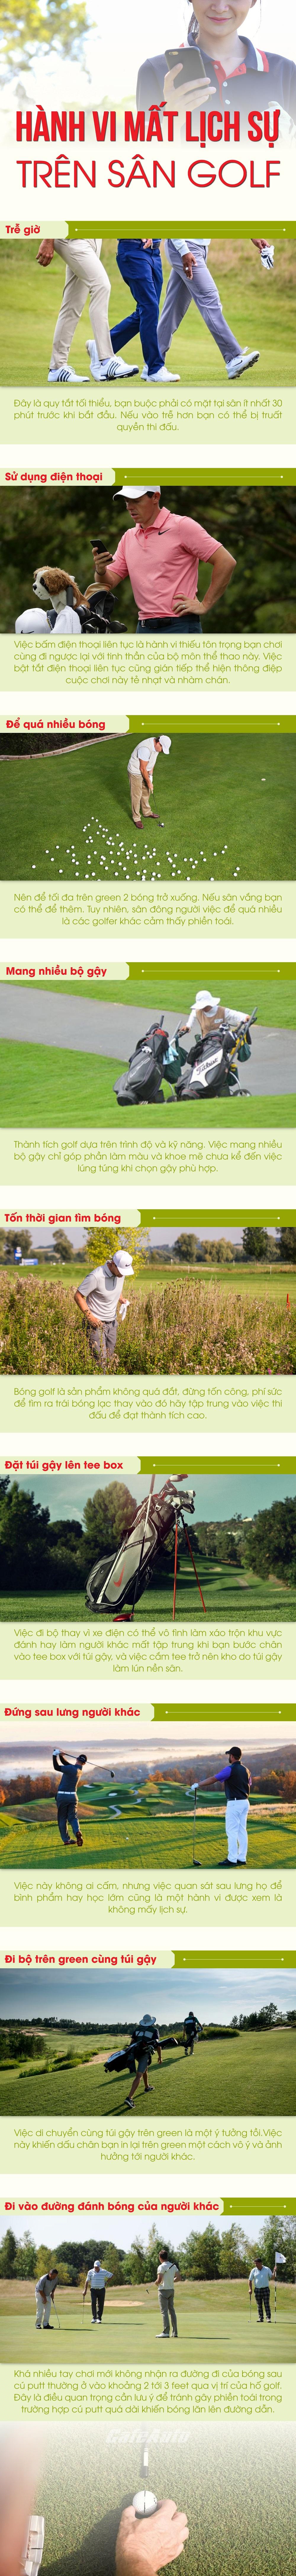 nhung-hanh-dong-mat-lich-su-tren-san-golf